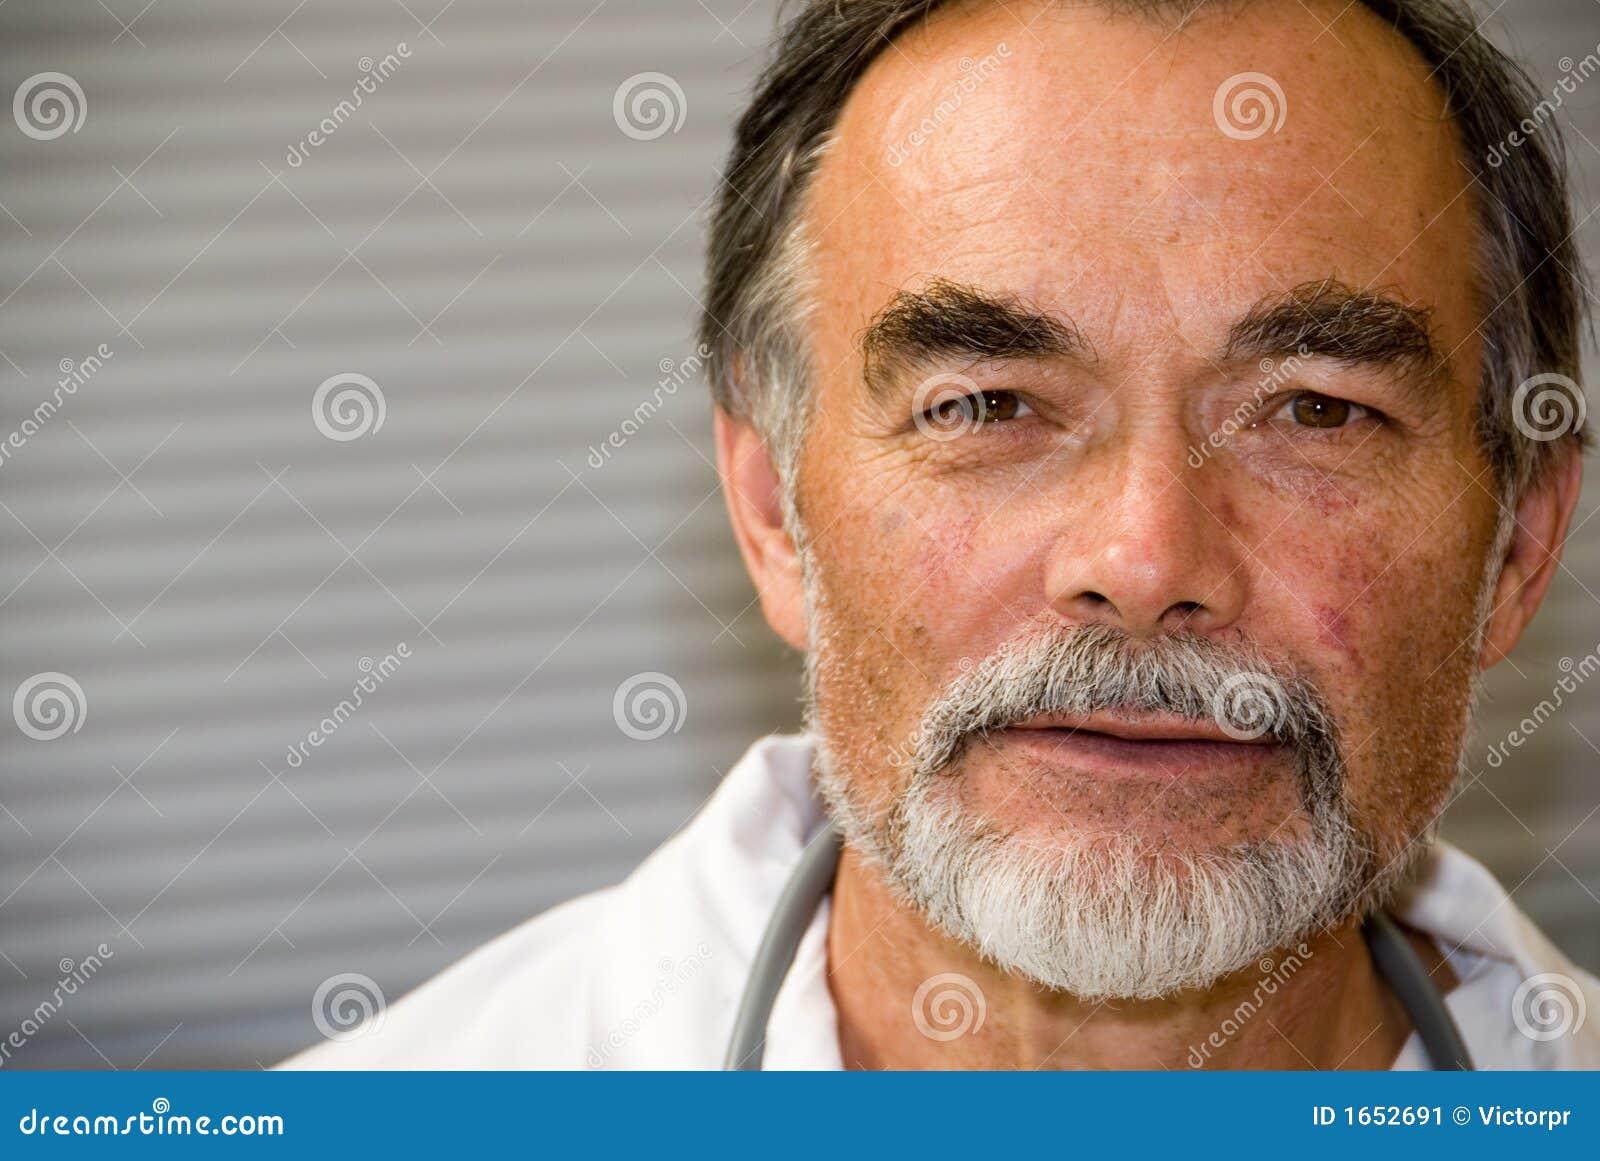 Elderly doctor